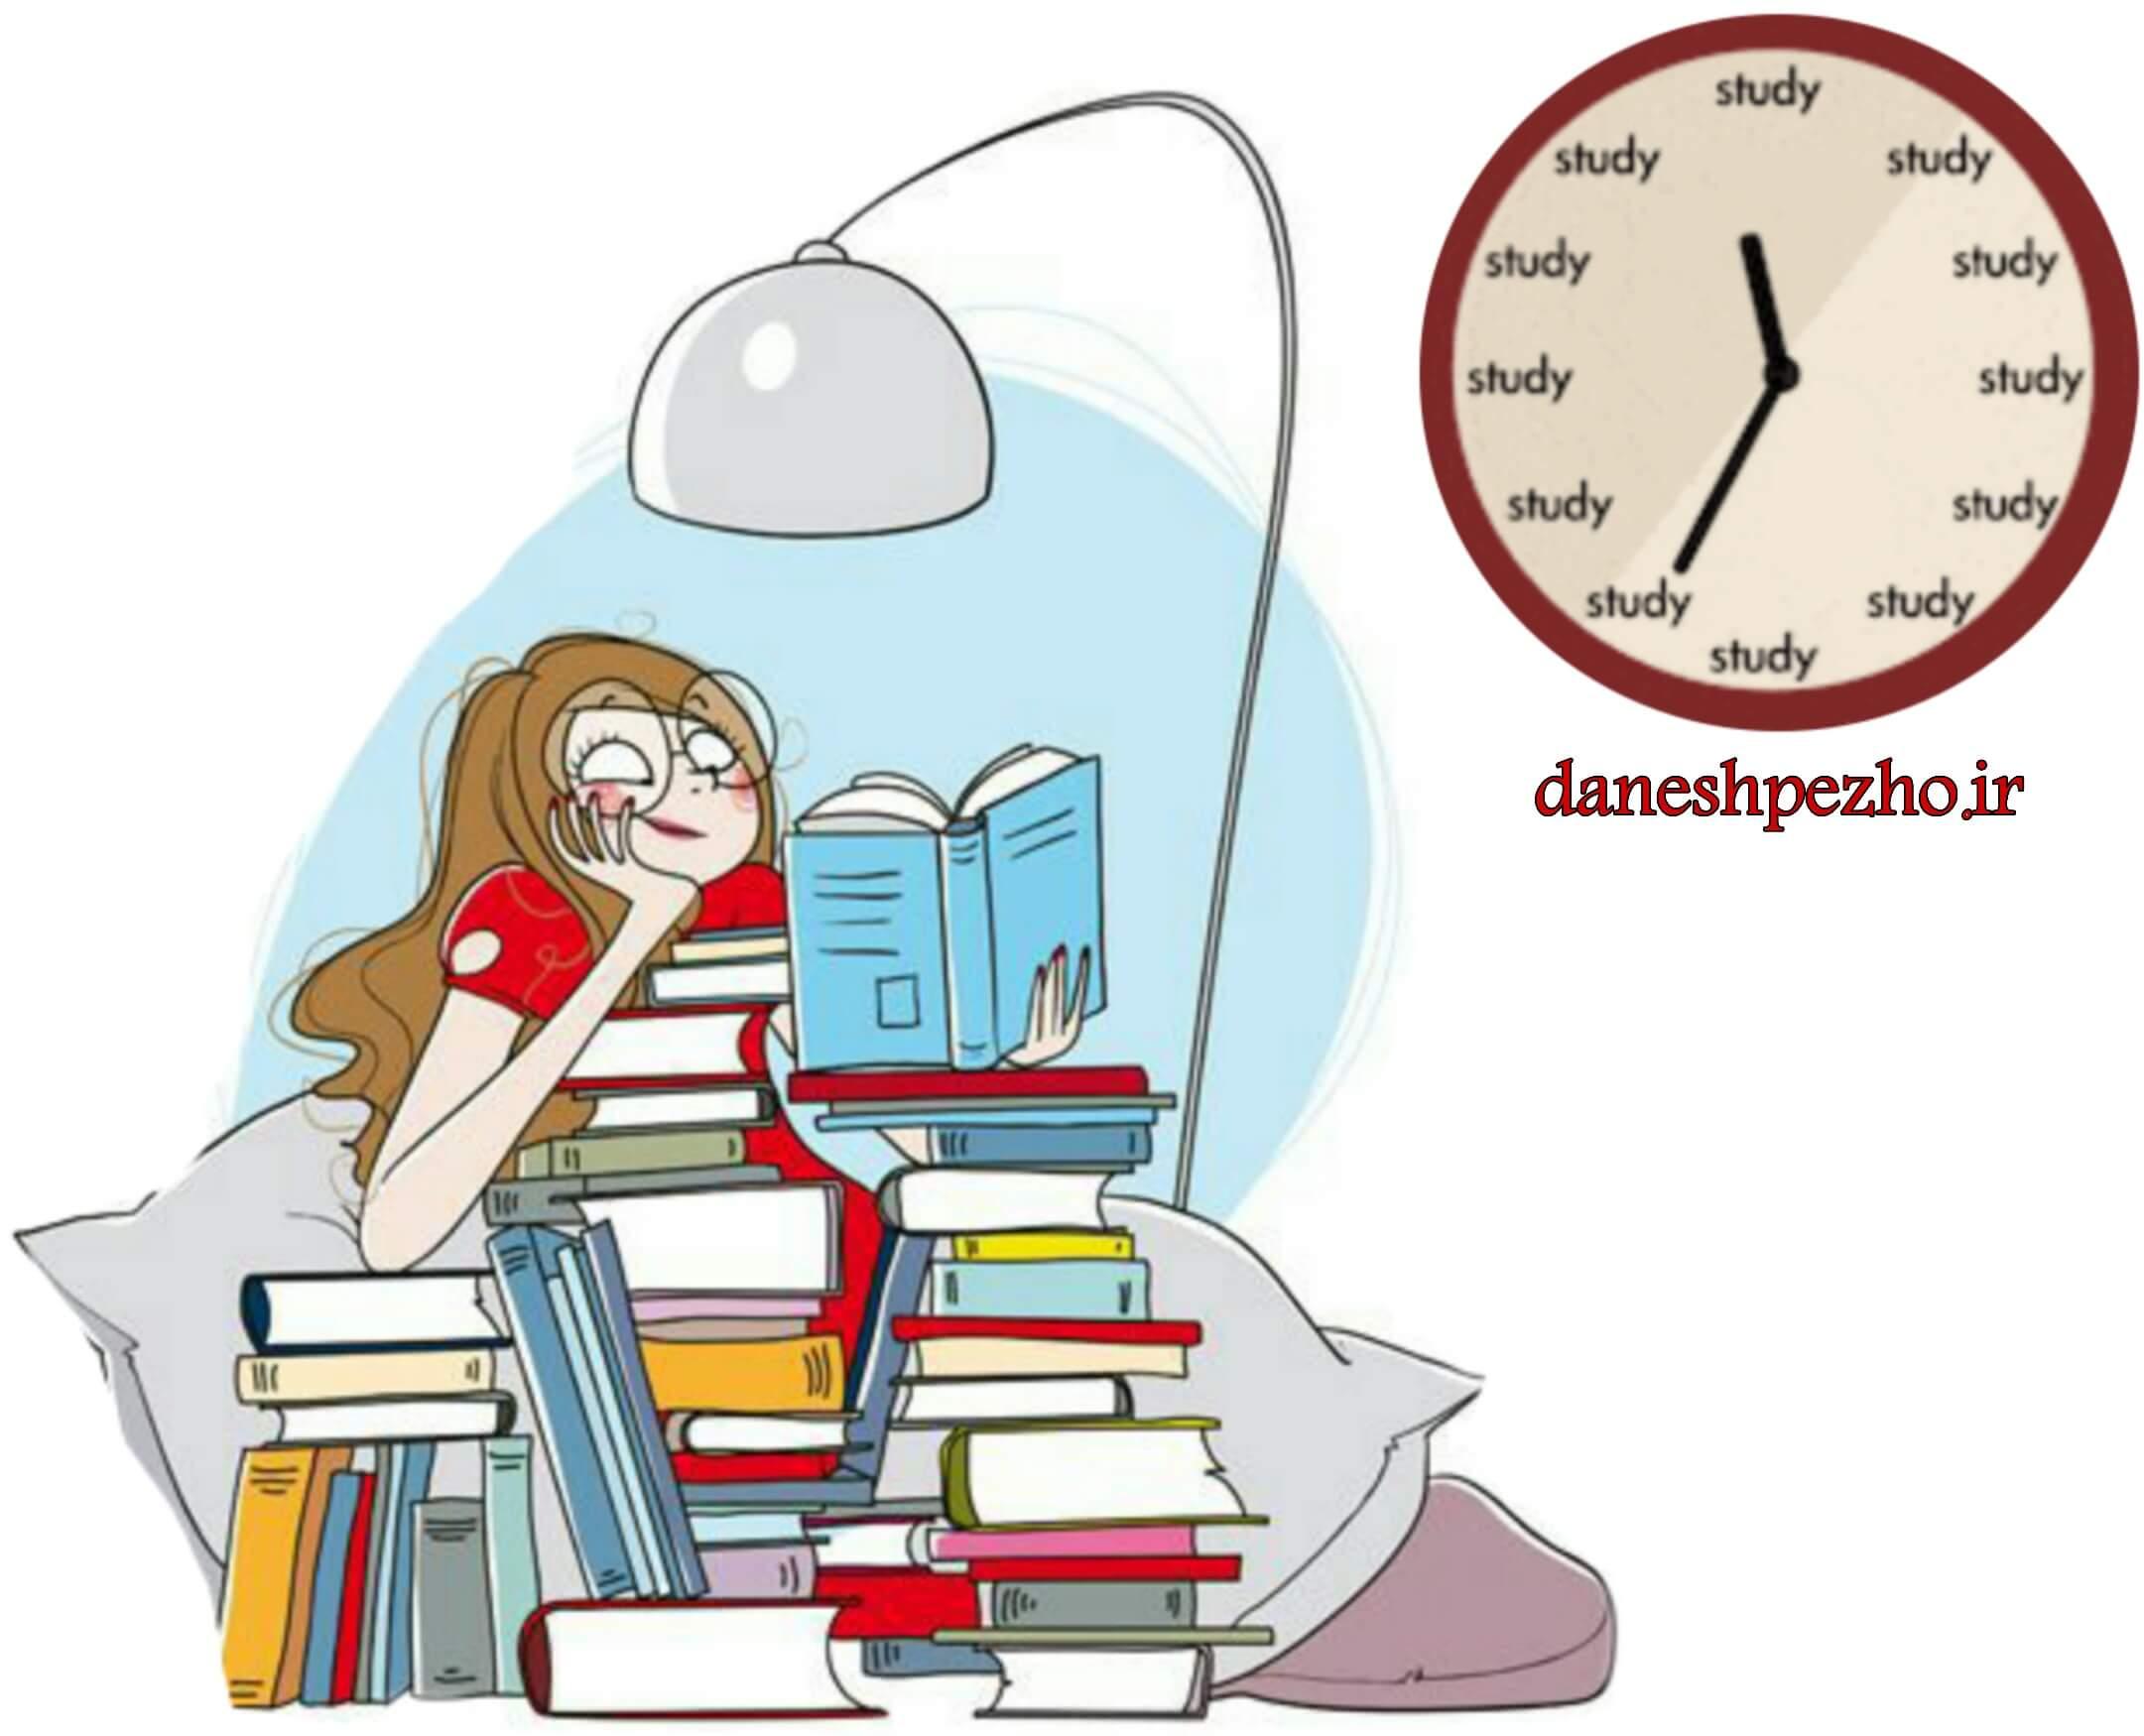 چند ساعت درس بخوانیم و افزایش ساعت مطالعه